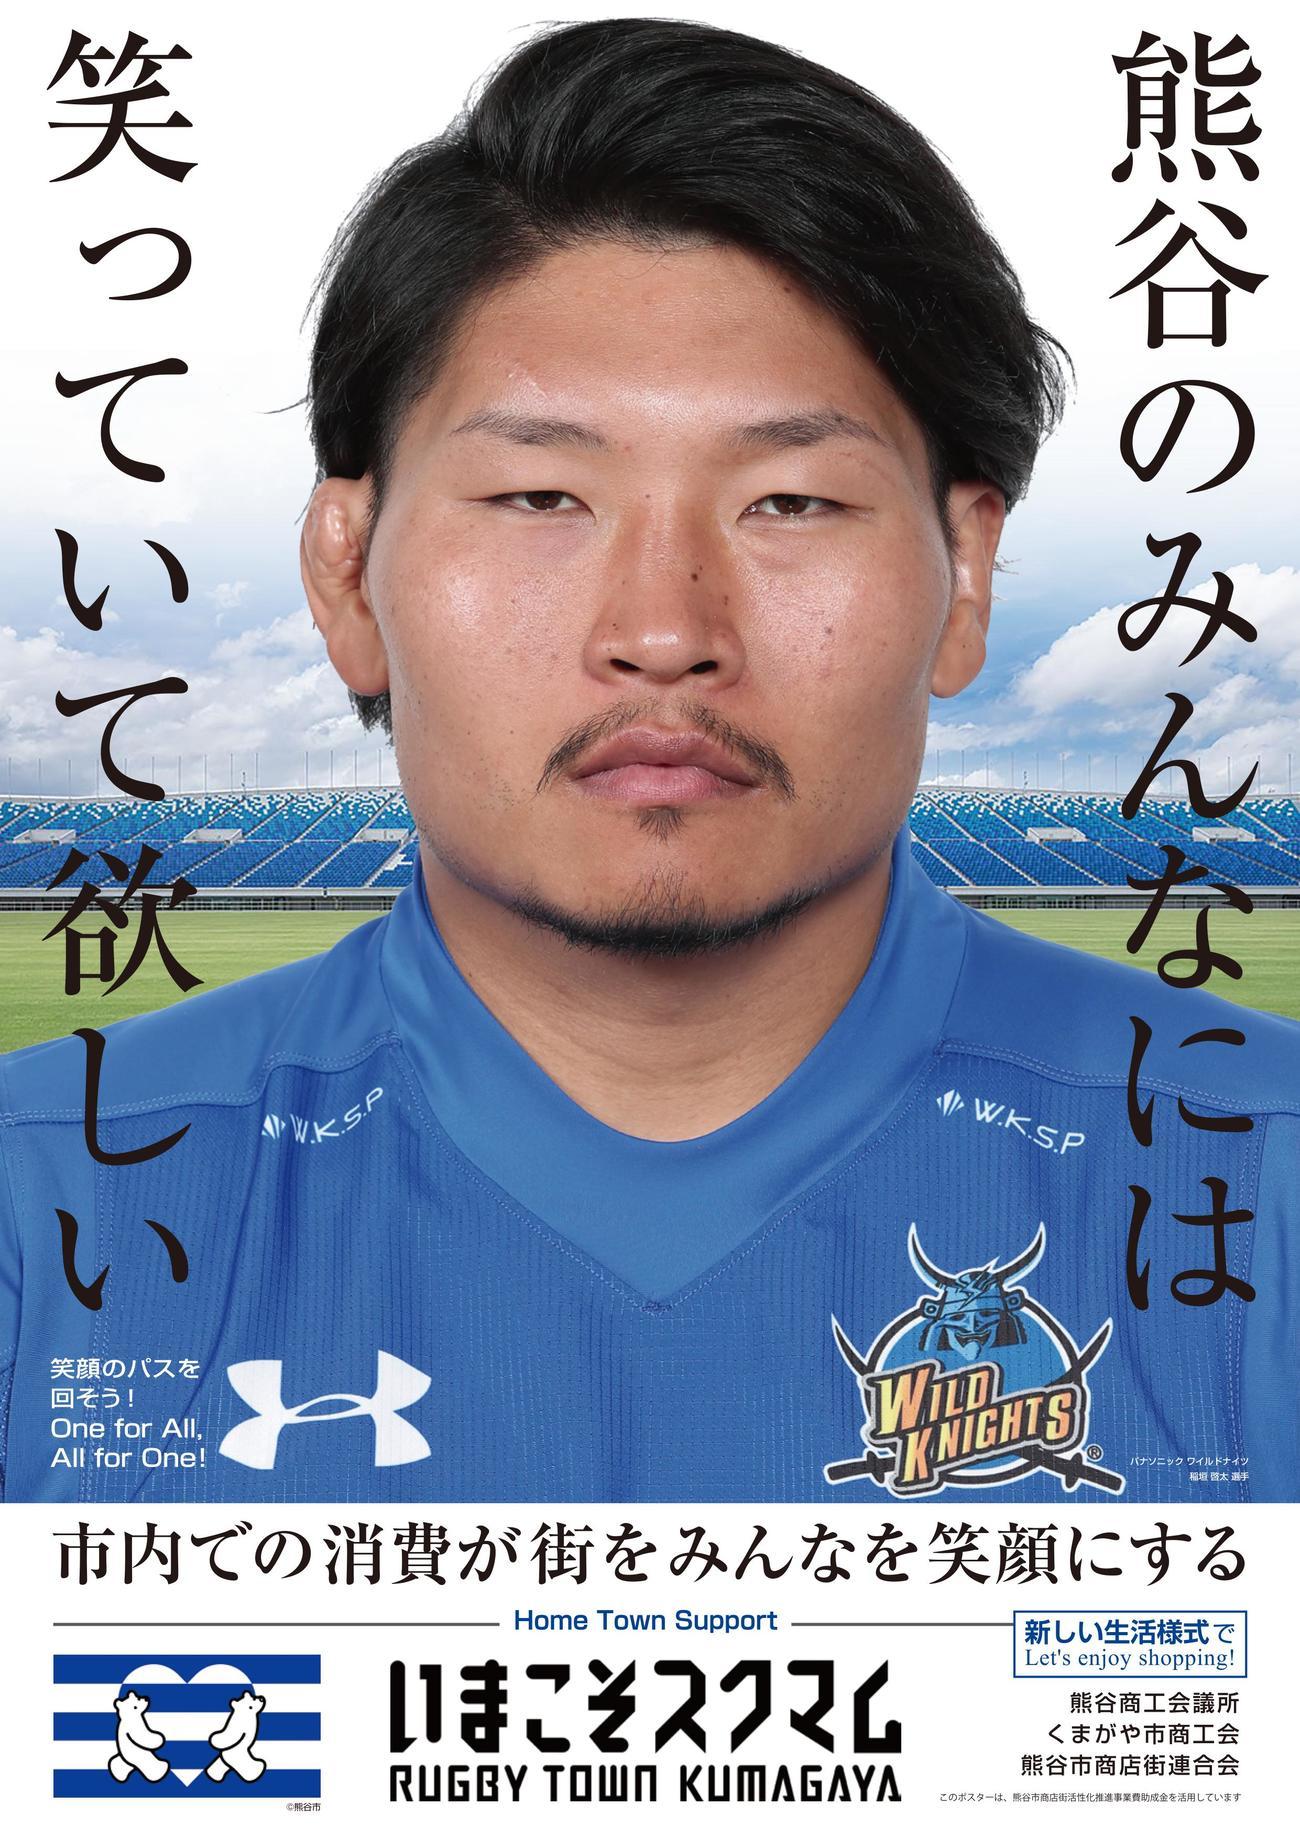 増刷した稲垣啓太のポスター(熊谷商工会議所提供)